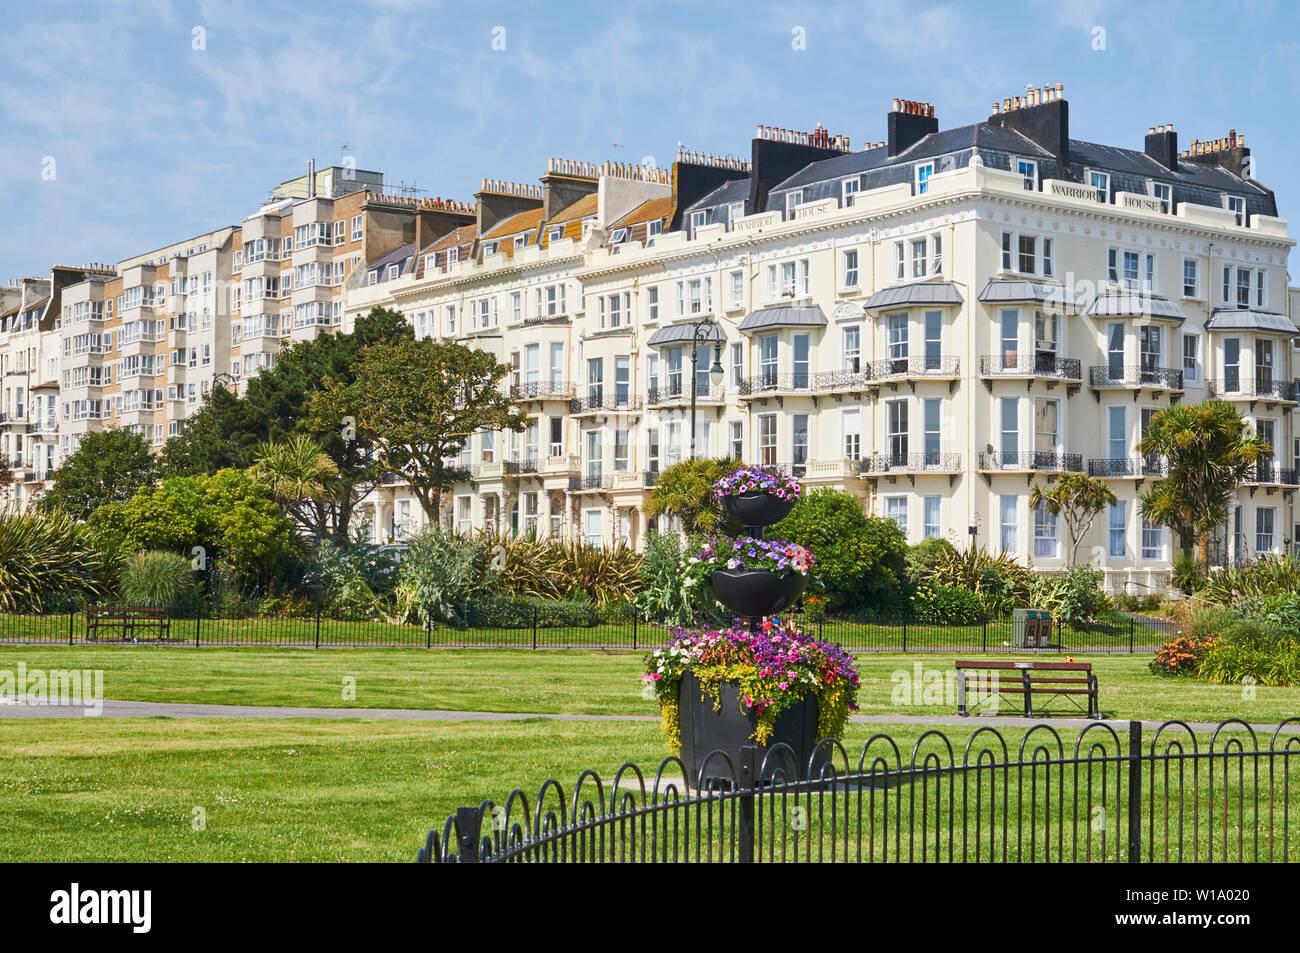 Terrazas y jardines victorianos en Warrior Square, St Leonards on Mar, East Sussex, en la costa sur de Inglaterra Imagen De Stock